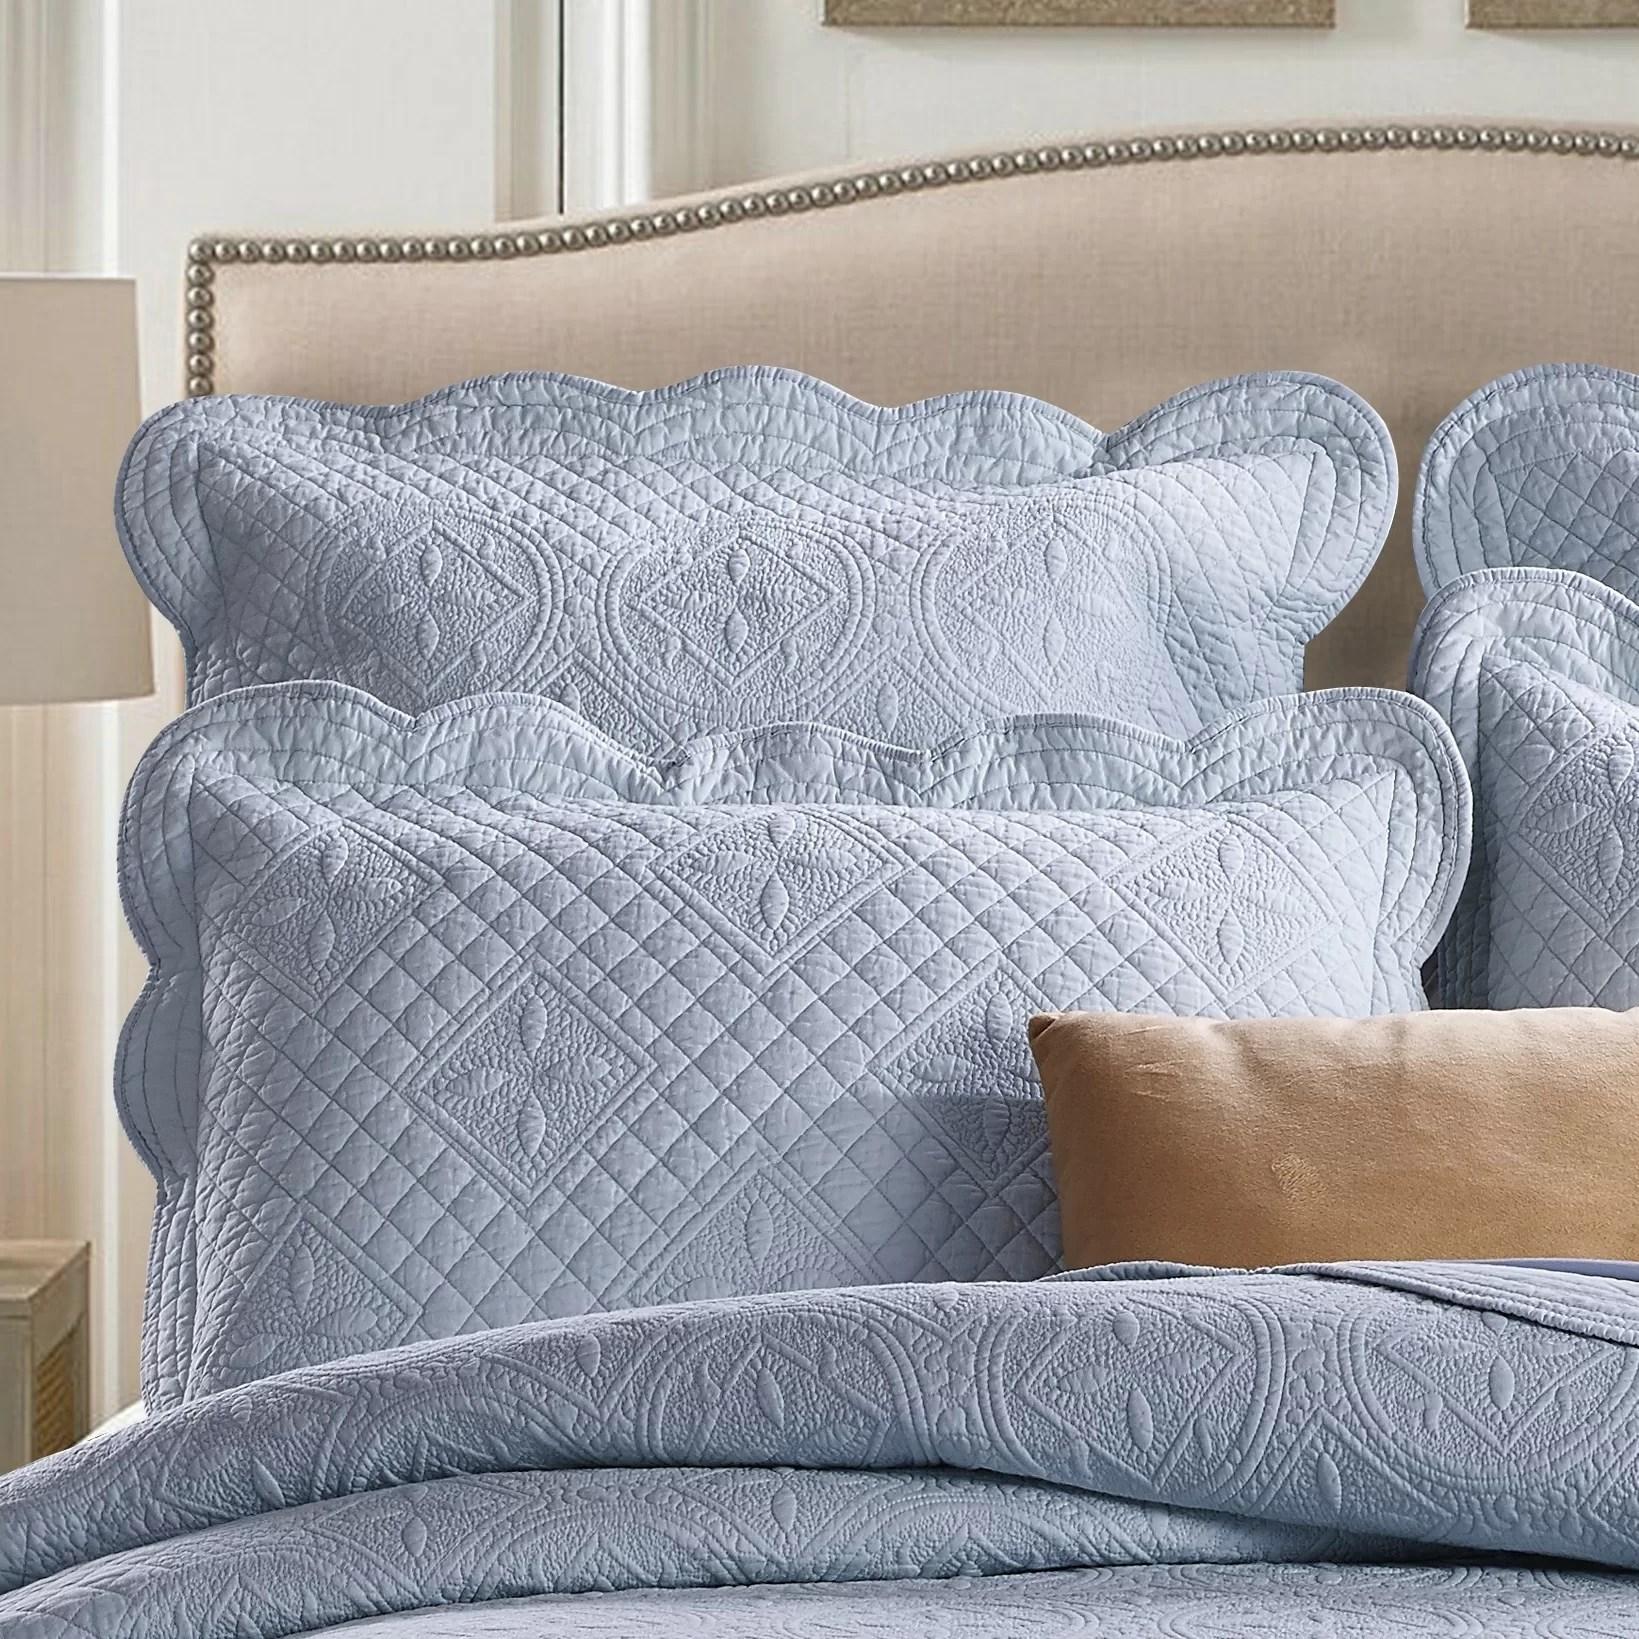 Sage Garden Luxury Quilted Pillow Sham eBay